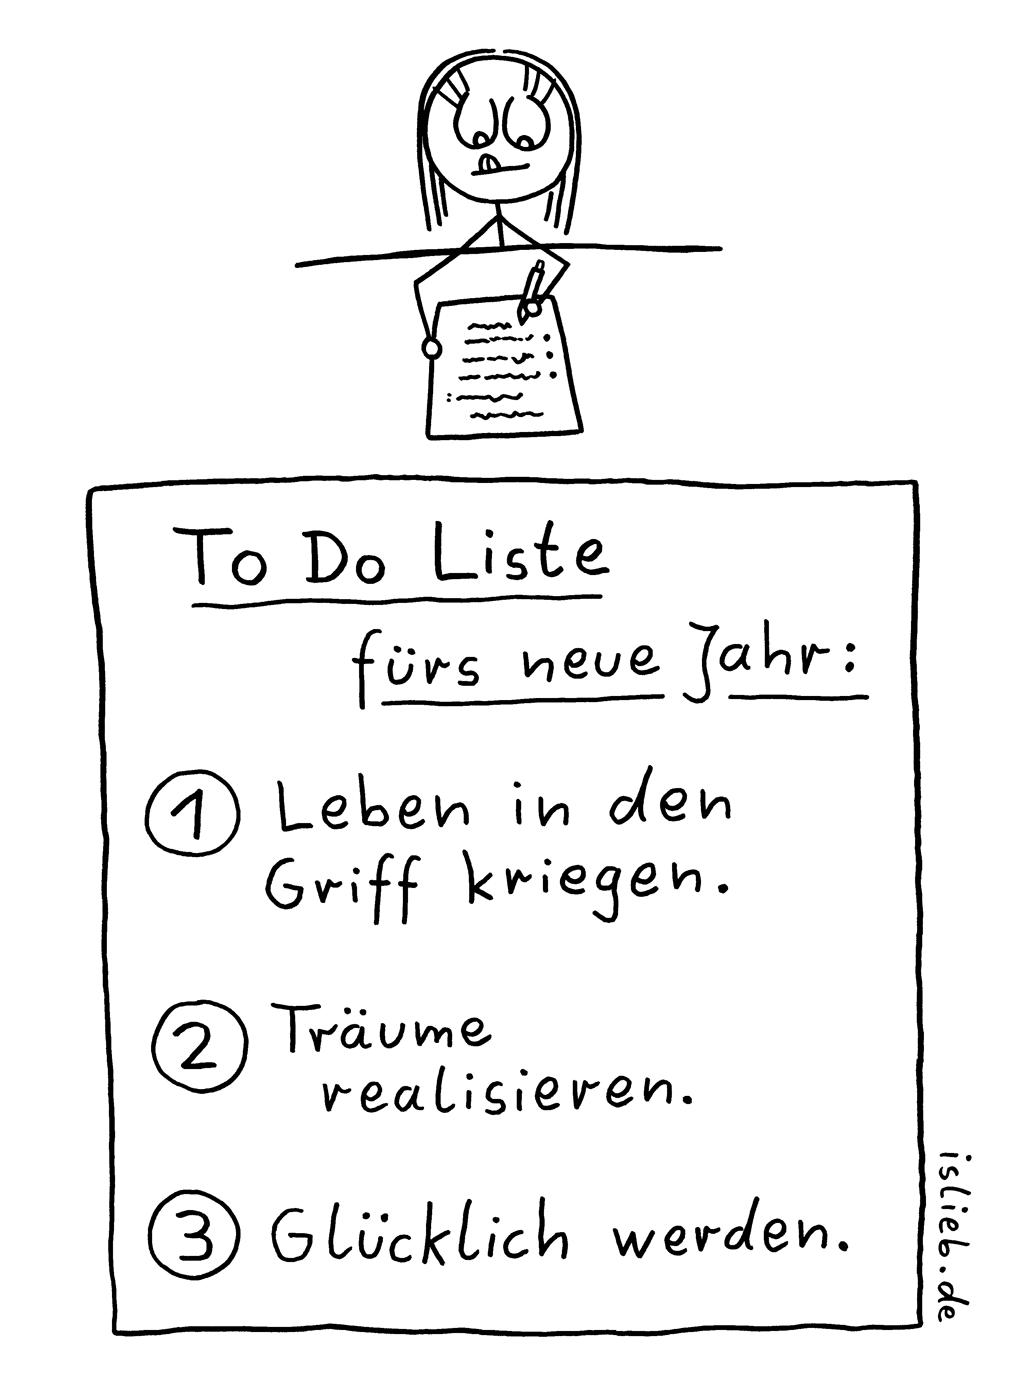 Neujahrsvorsätze | Strichweibchen-Cartoon | is lieb? | To-Do-Liste fürs neue Jahr: 1 Leben in den Griff kriegen 2 Träume realisieren 3 Glücklich werden | Silvester, todo